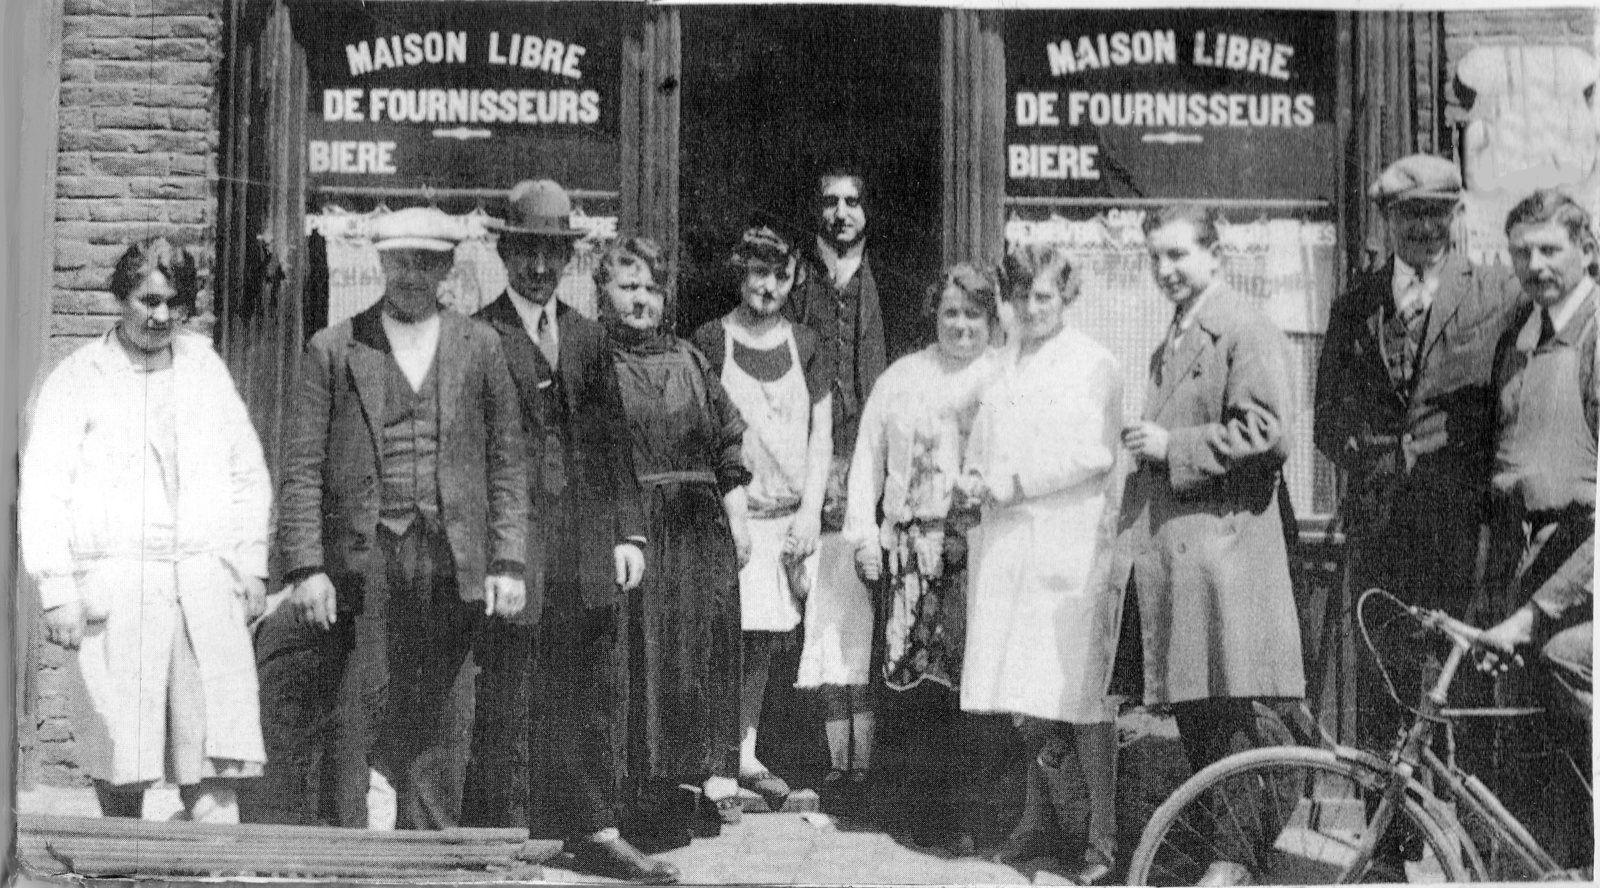 La façade en  mars 1931